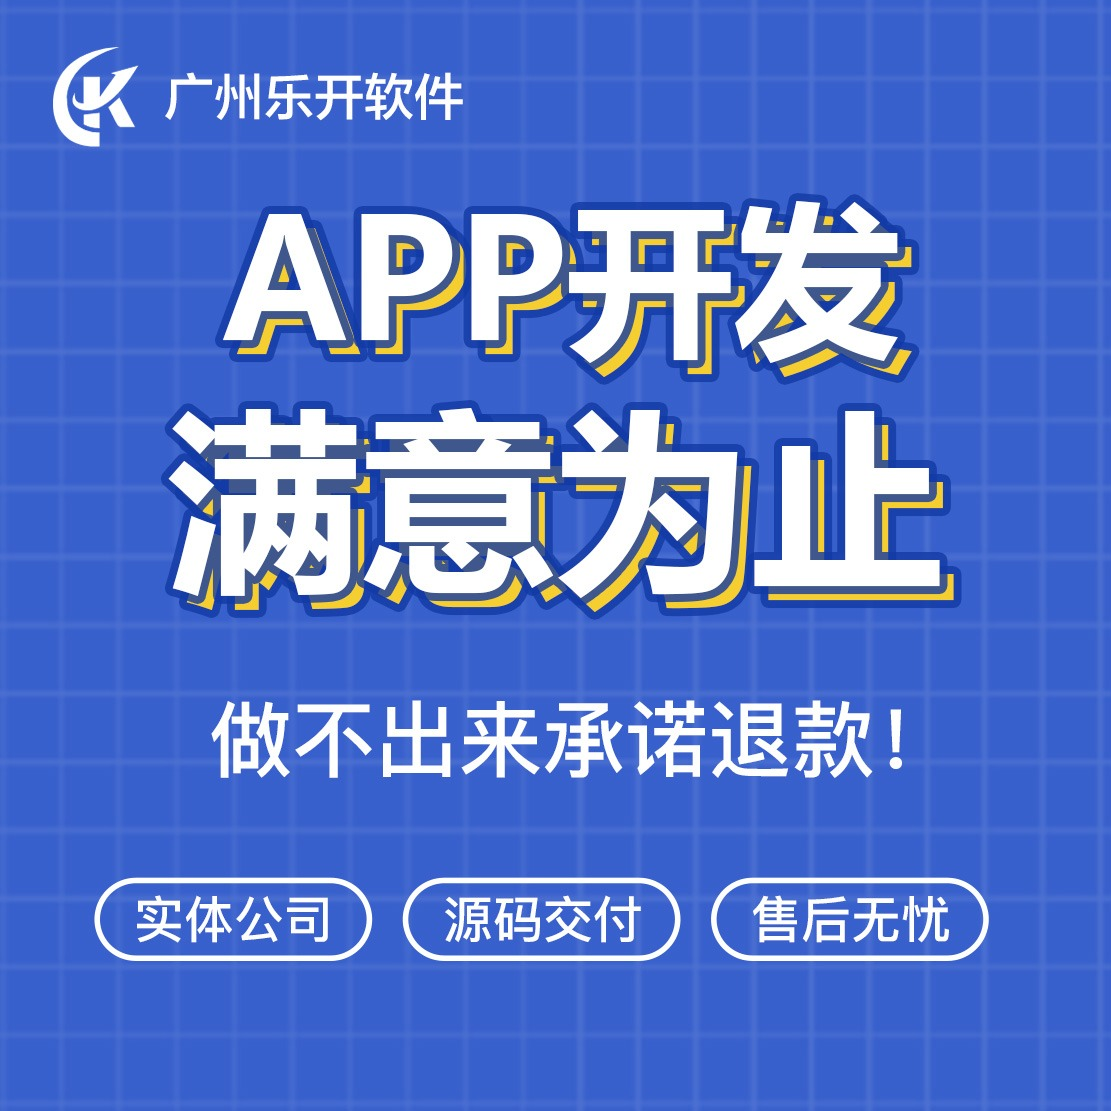 网络考试管理系统阅卷视频监控软件手机微信小程序app开发